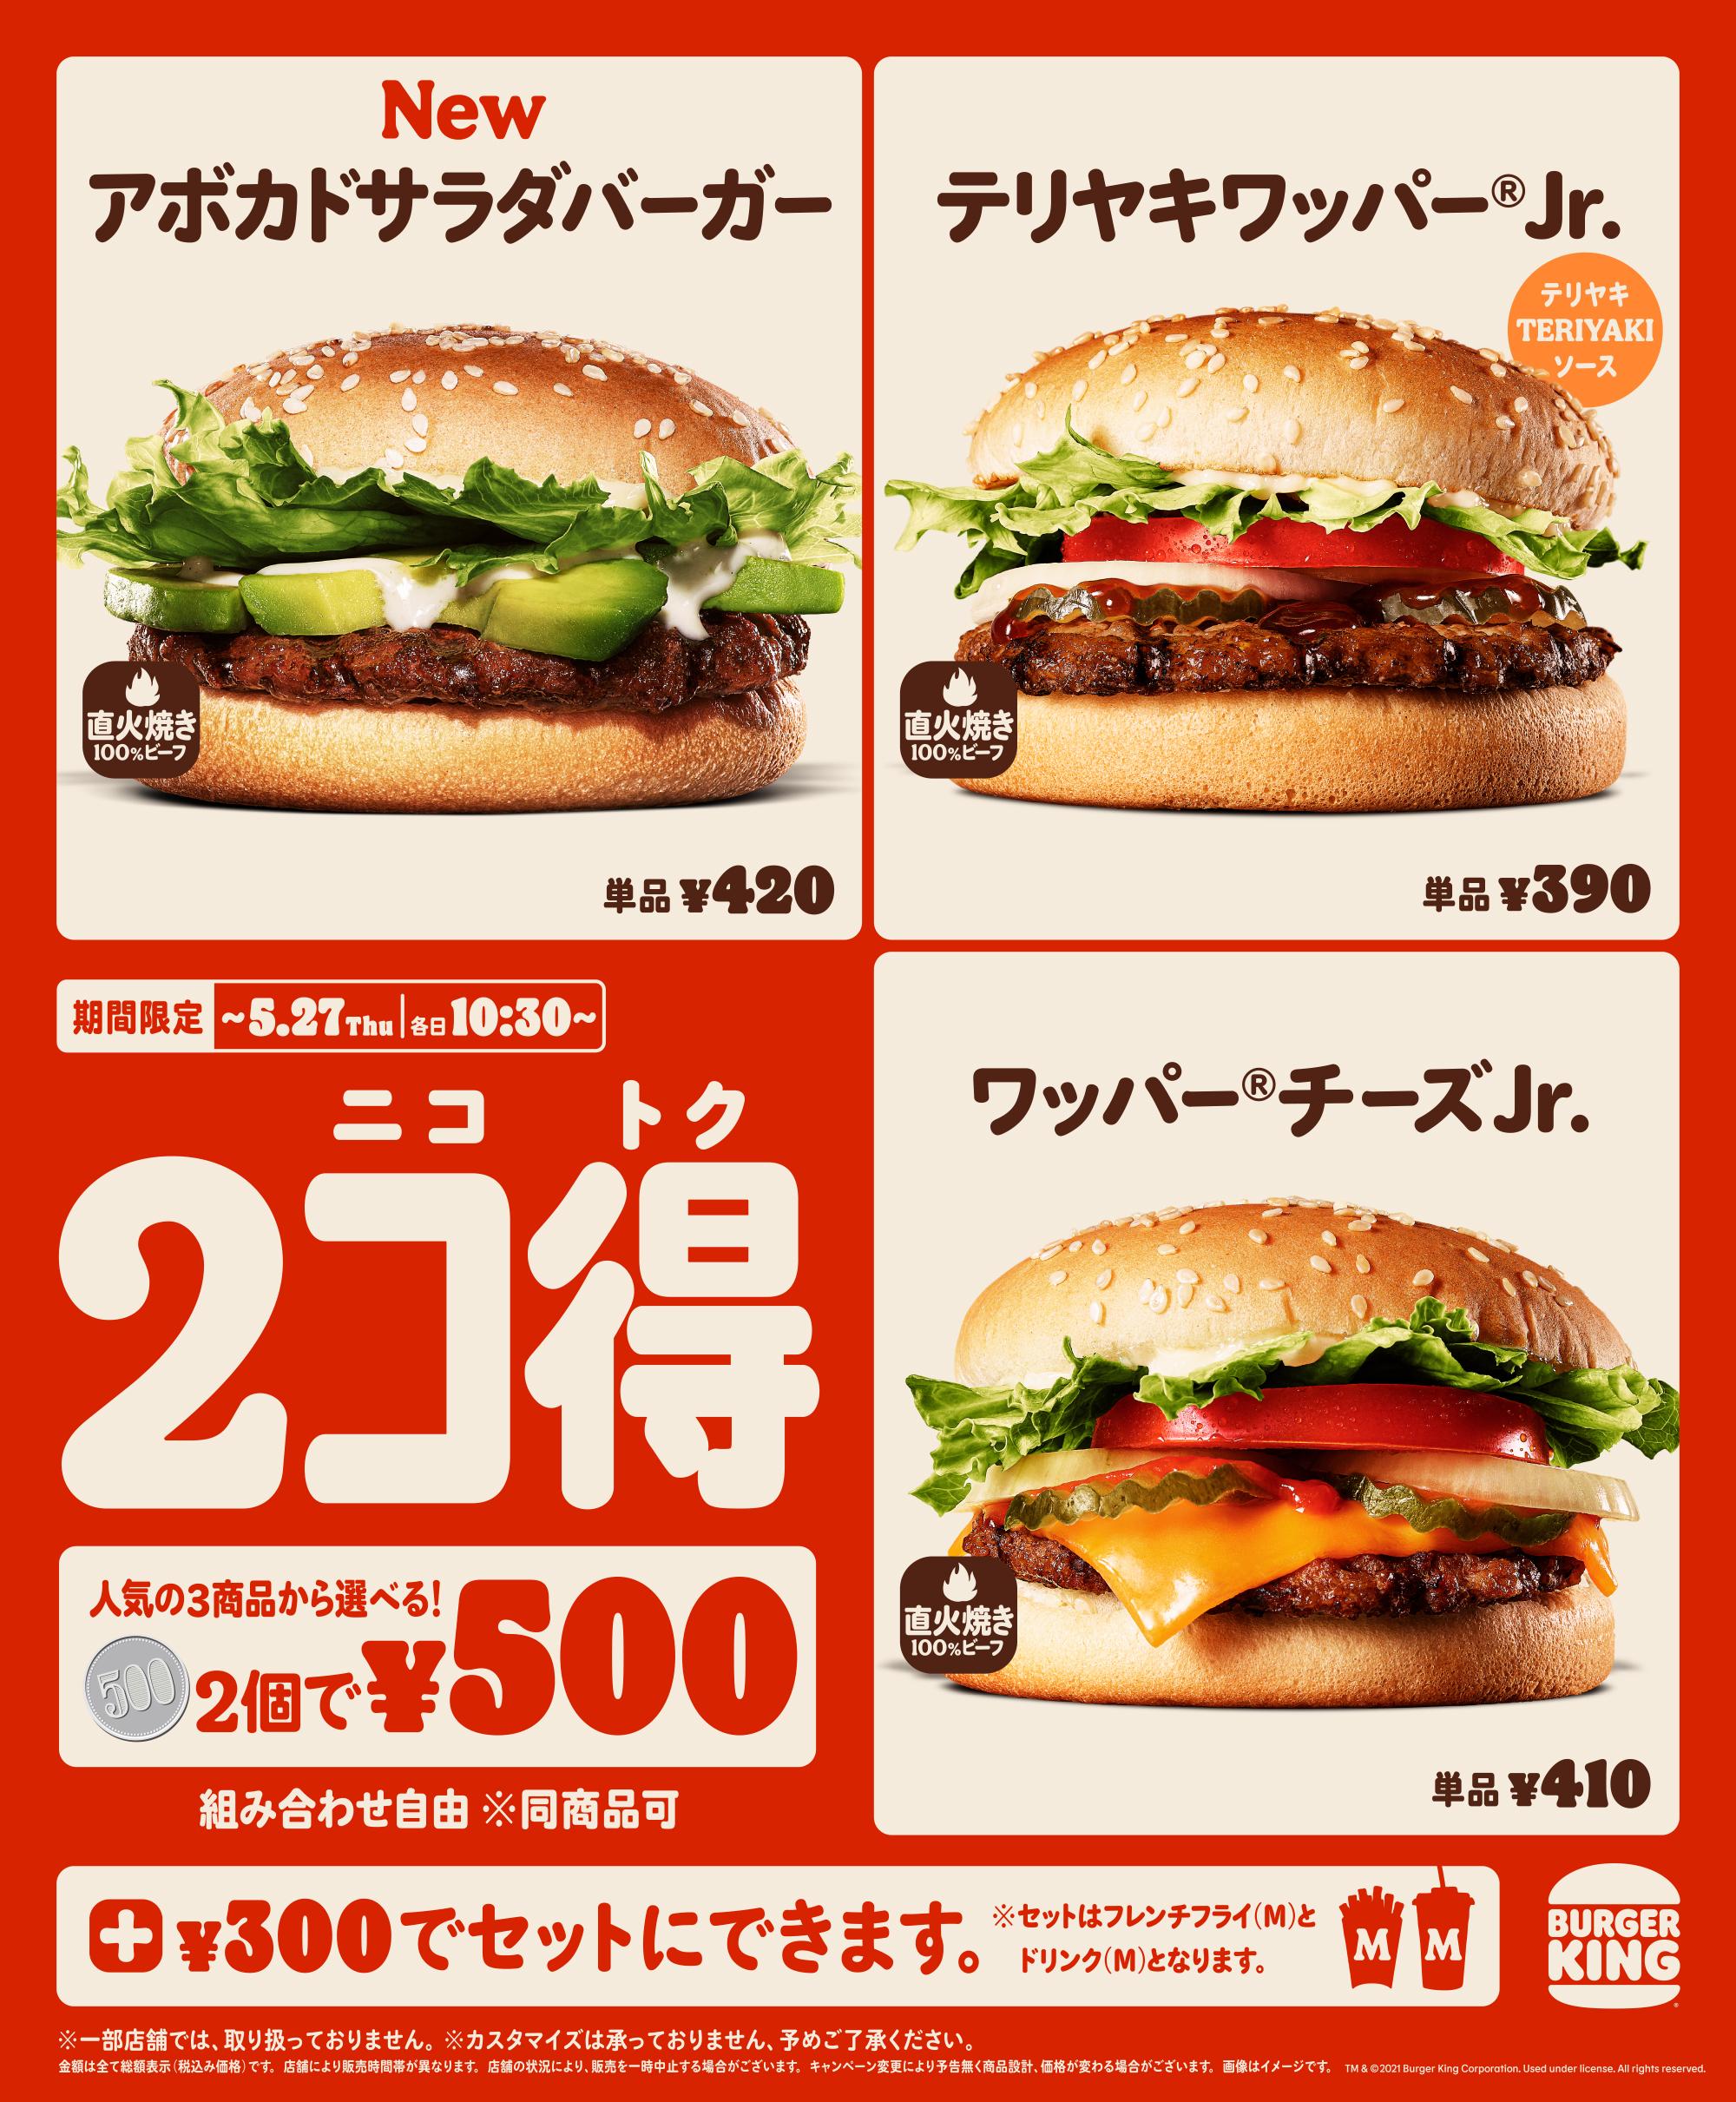 ハンバーガー2個で500円! バーガーキングの「2コ得」キャンペーン